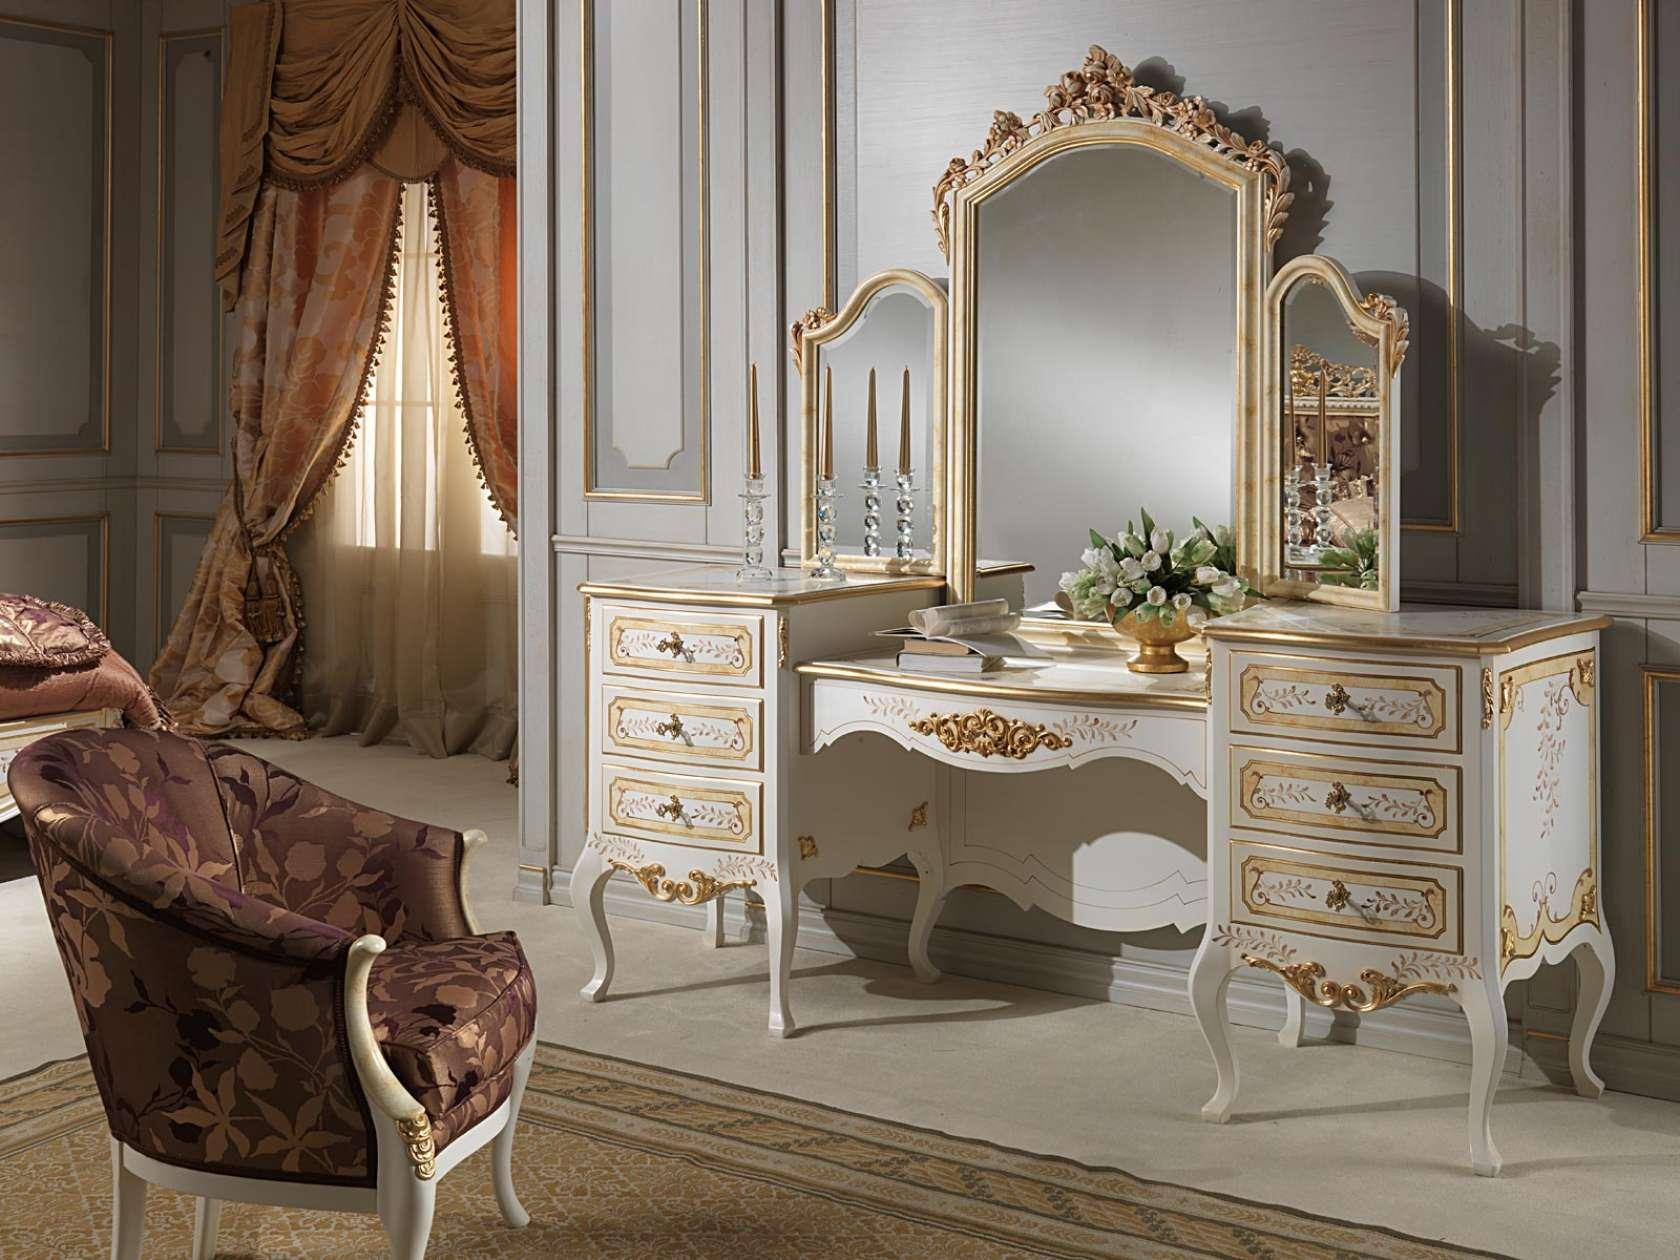 Camera da letto classica Louvre toilette classica con specchiera ...